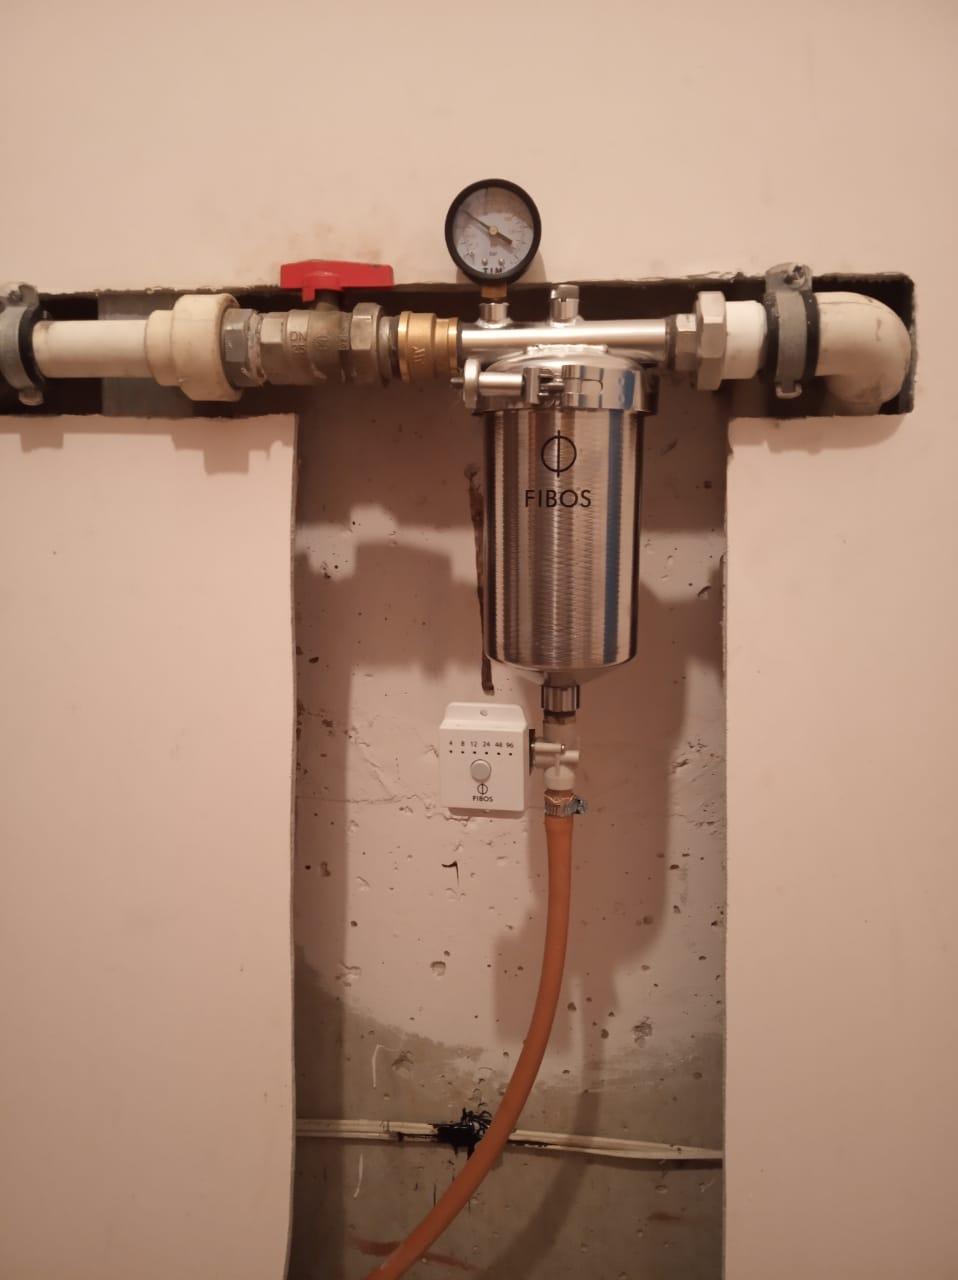 Фибос фильтр для воды - Очень рекомендуем, если у вас есть проблемы с водой из водопровода.